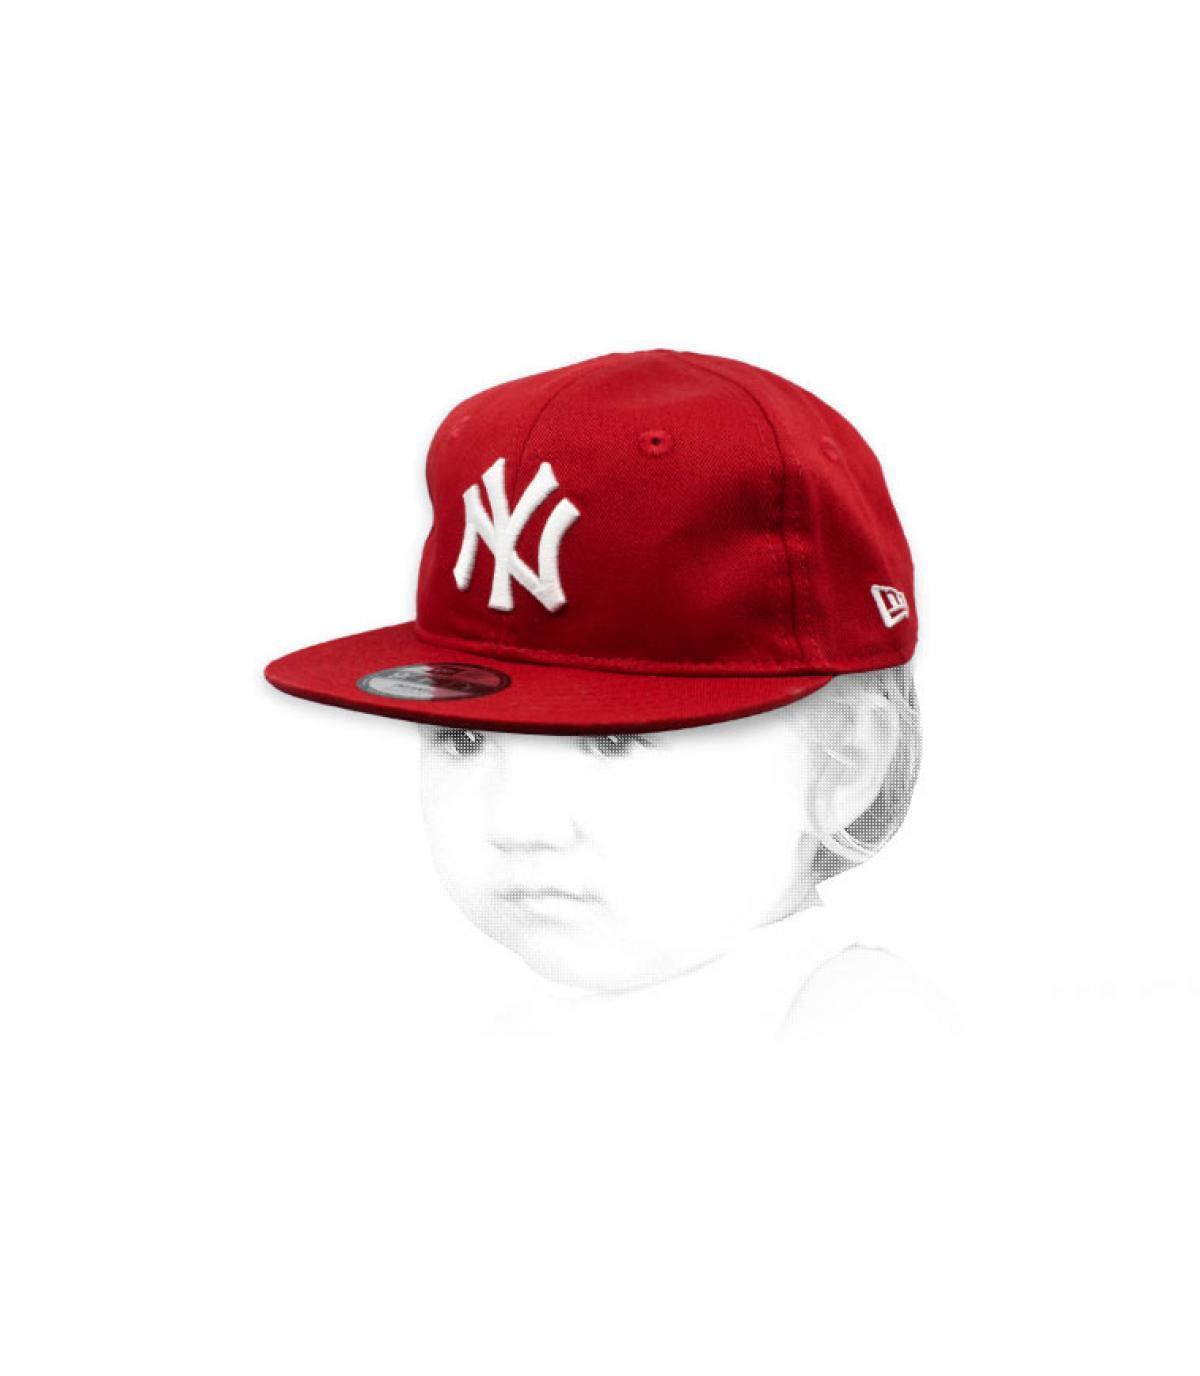 NY berretto bianco rosso